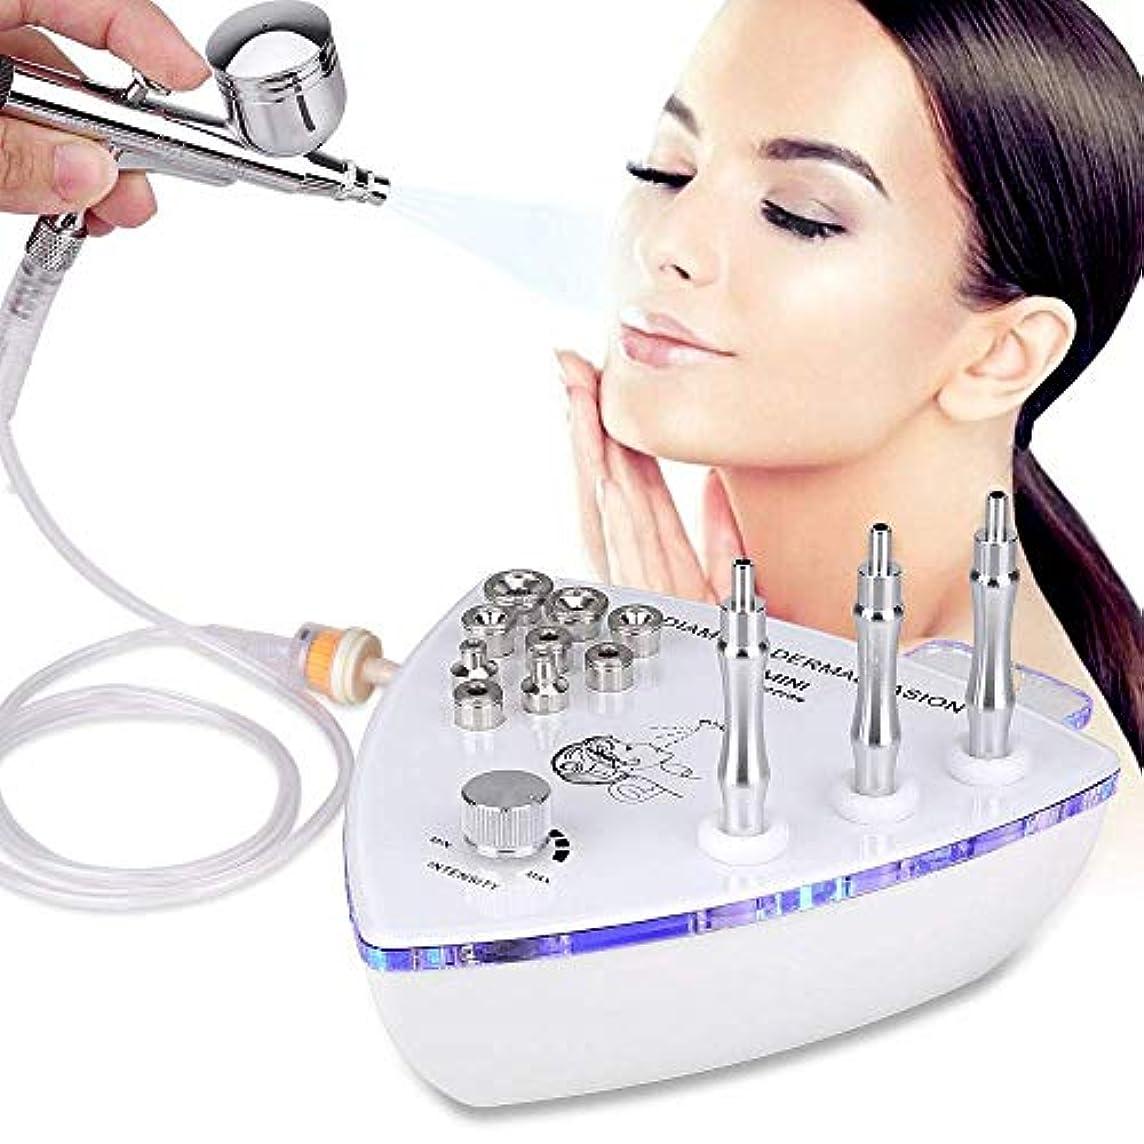 立場幹立場スプレーガン、プロ用皮膚剥離機、ウォータースプレー剥離顔面美容機付きダイヤモンドマイクロダーマブレーション皮膚剥離機(強力な吸引力:0-68cmHg)